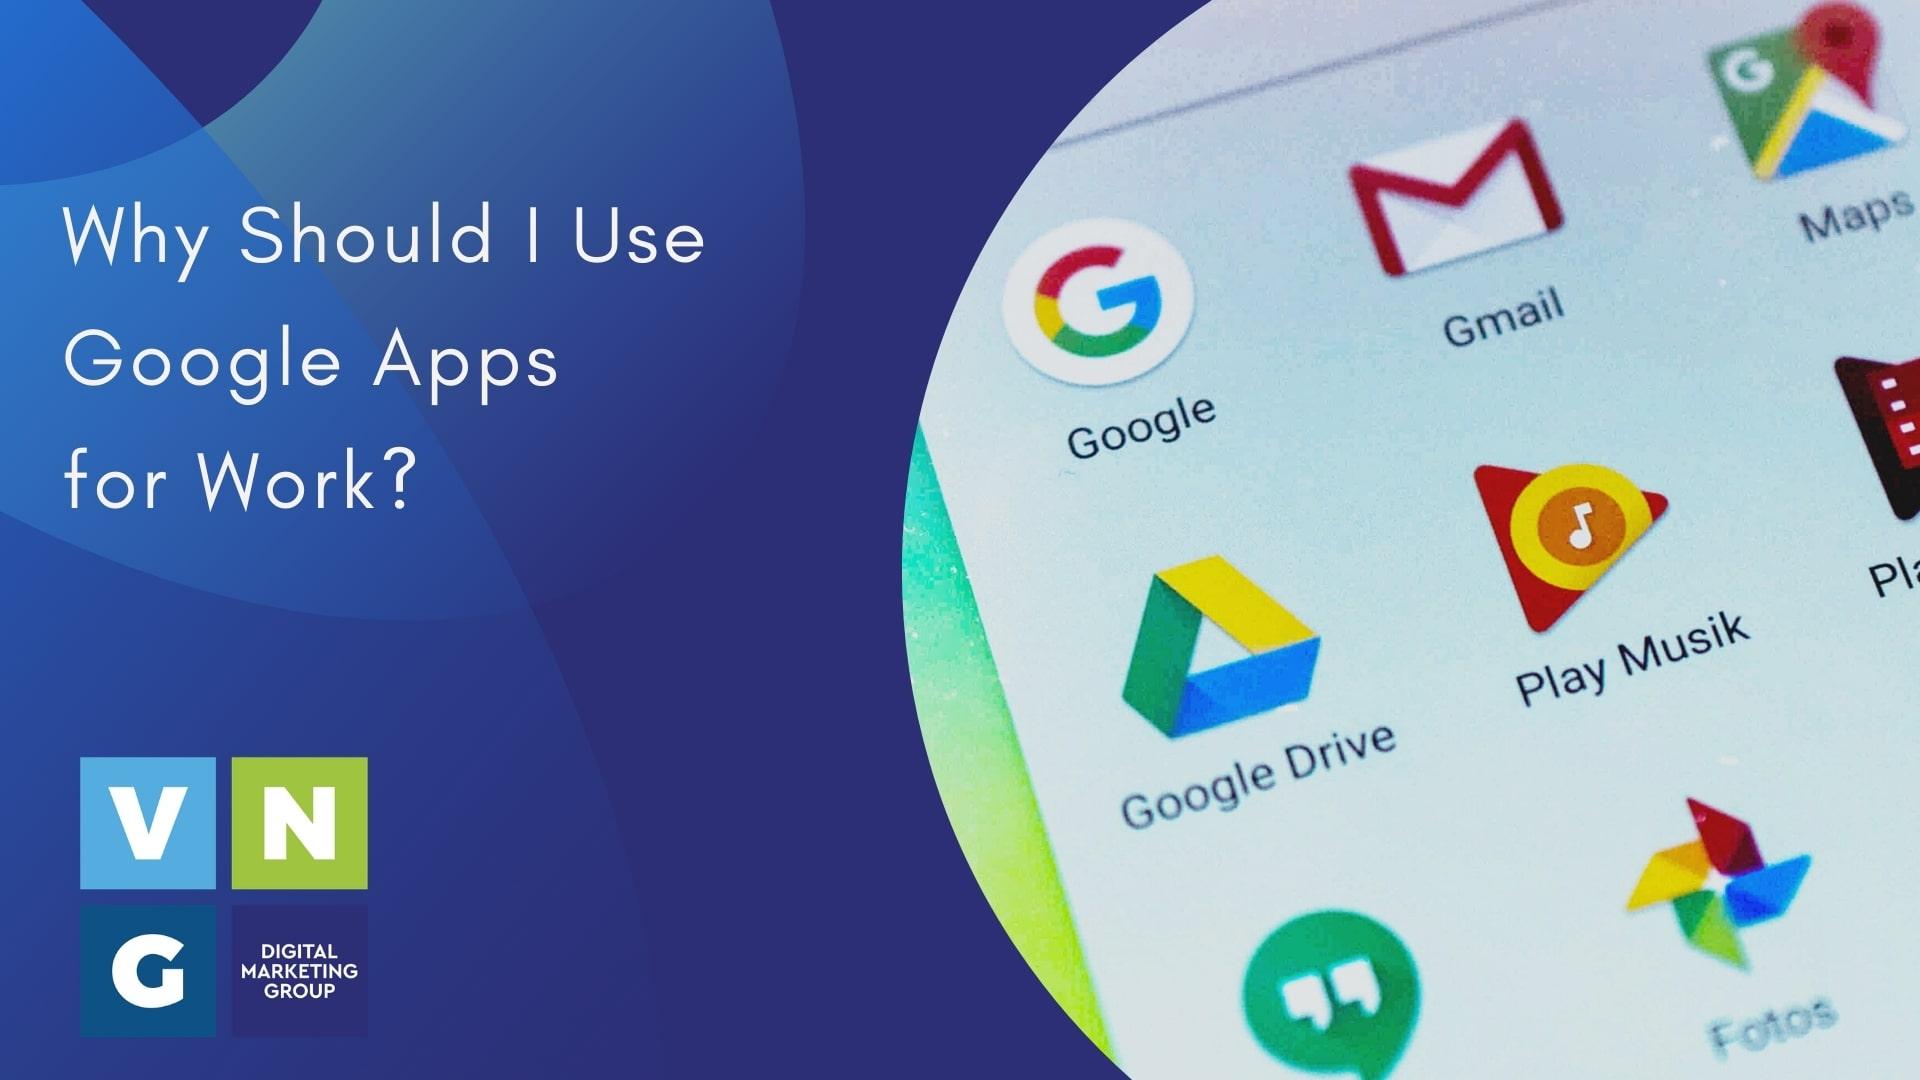 Τα οφέλη του γιατί να δημιουργήσετε το επαγγελματικό σας email μέσω Google Apps